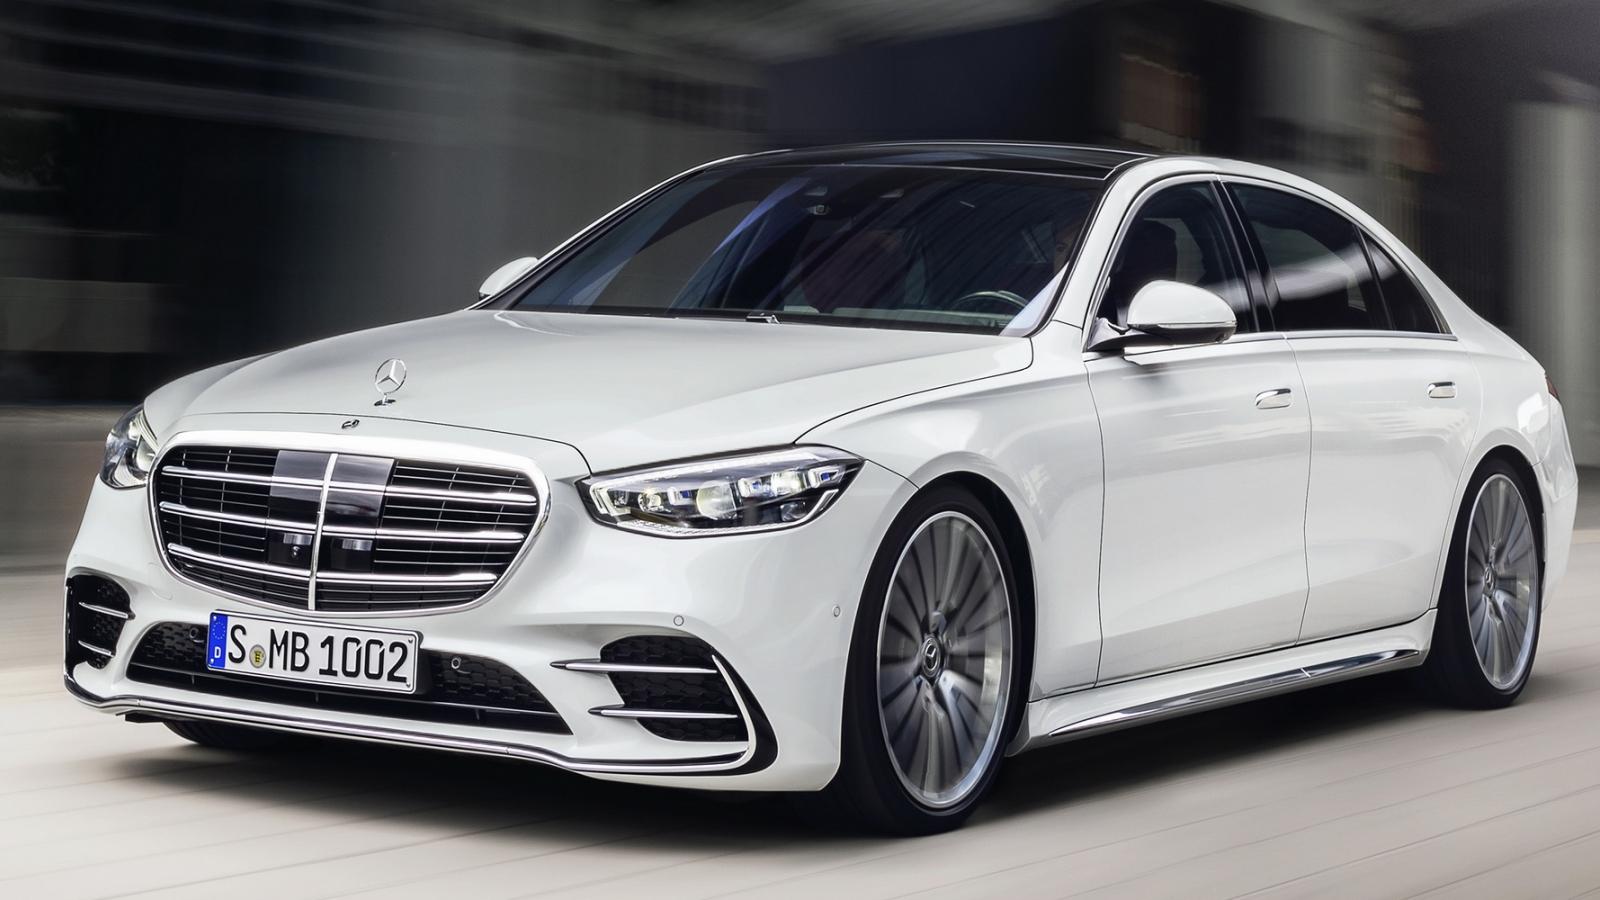 Tìm sedan cỡ lớn hạng sang chọn Mercedes S-Class 2021, BMW 7-Series hay Audi A8?